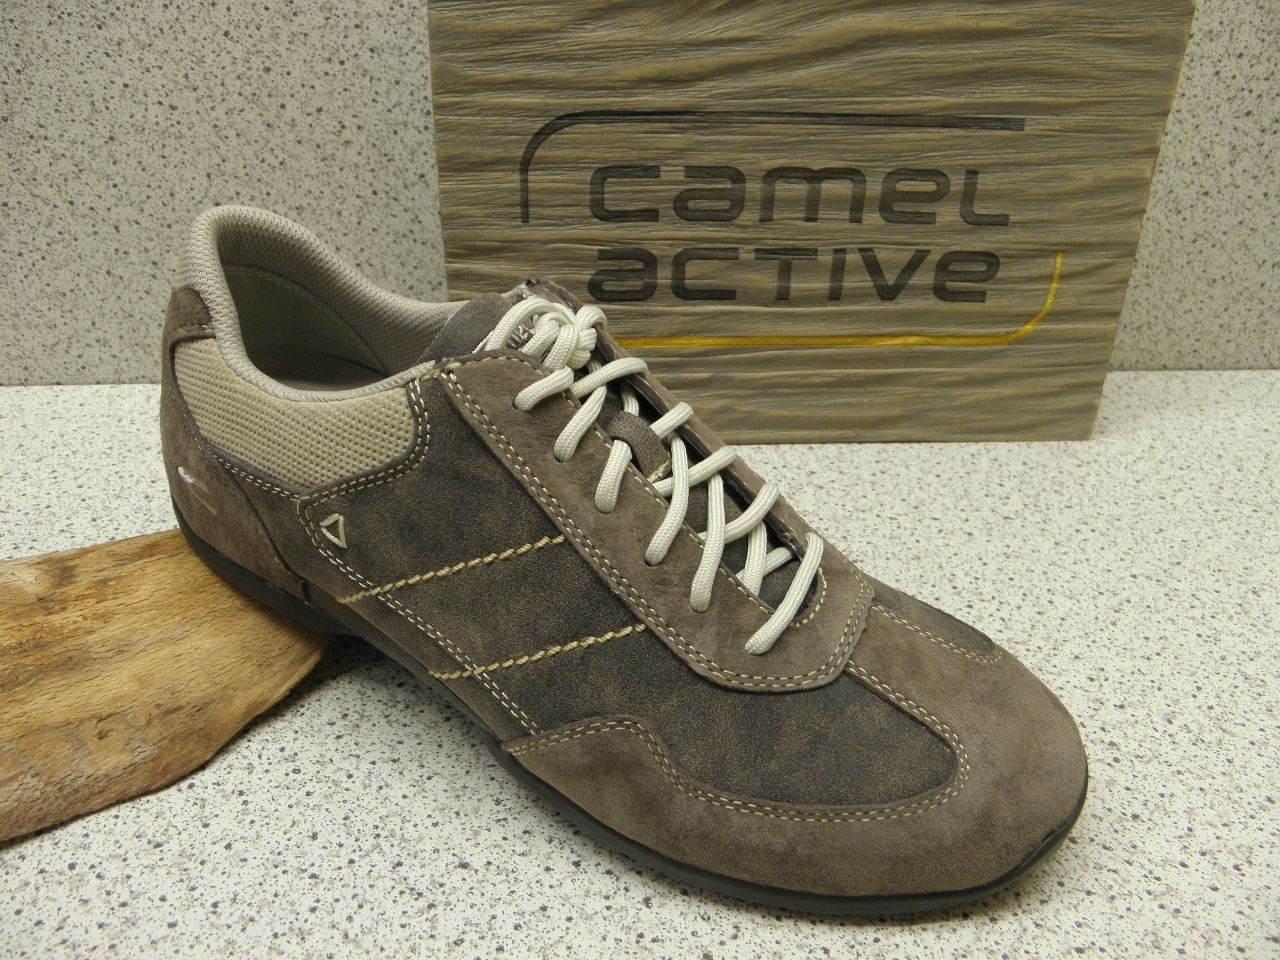 Camel Active ® rojouce, hasta ahora   Space  cortos gris marrón (c69)